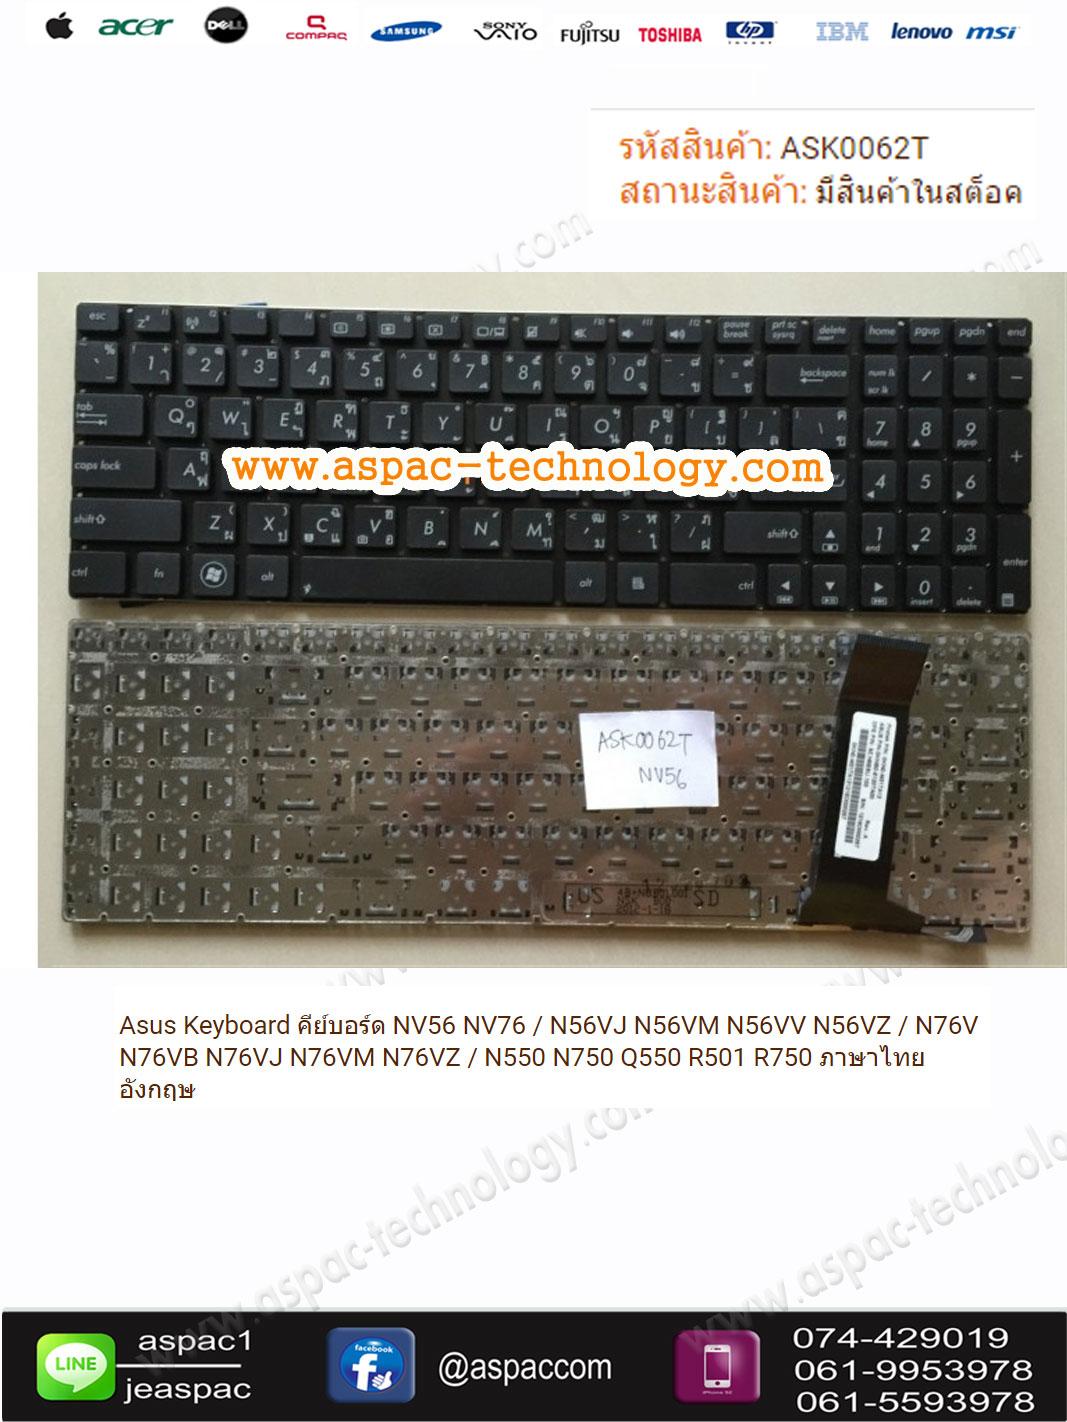 Asus Keyboard คีย์บอร์ด NV56 NV76 / N56VJ N56VM N56VV N56VZ / N76V N76VB N76VJ N76VM N76VZ / N550 N750 Q550 R501 R750 ภาษาไทย อังกฤษ